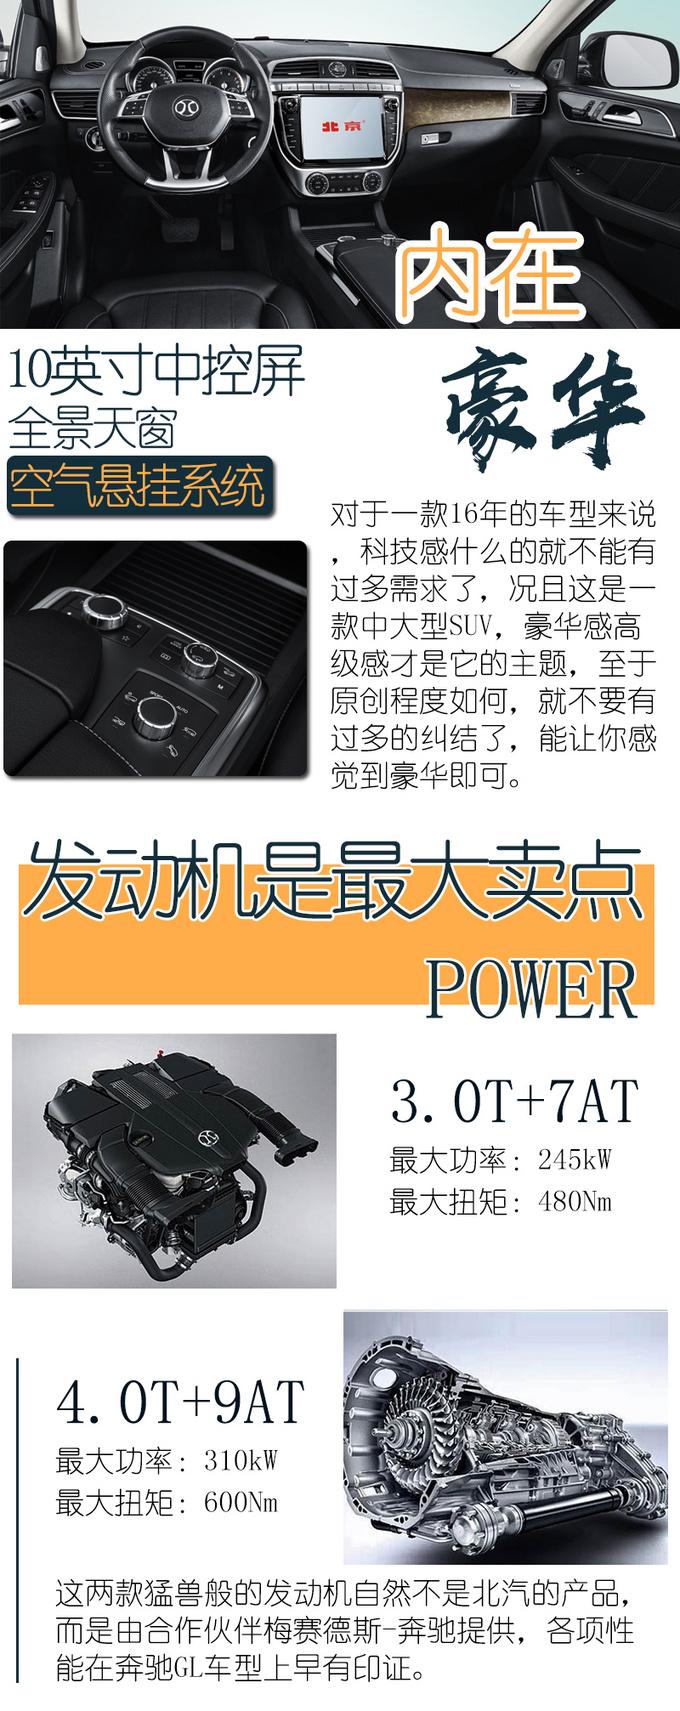 BJ90敢卖100万!还有哪些中国品牌汽车卖这么贵